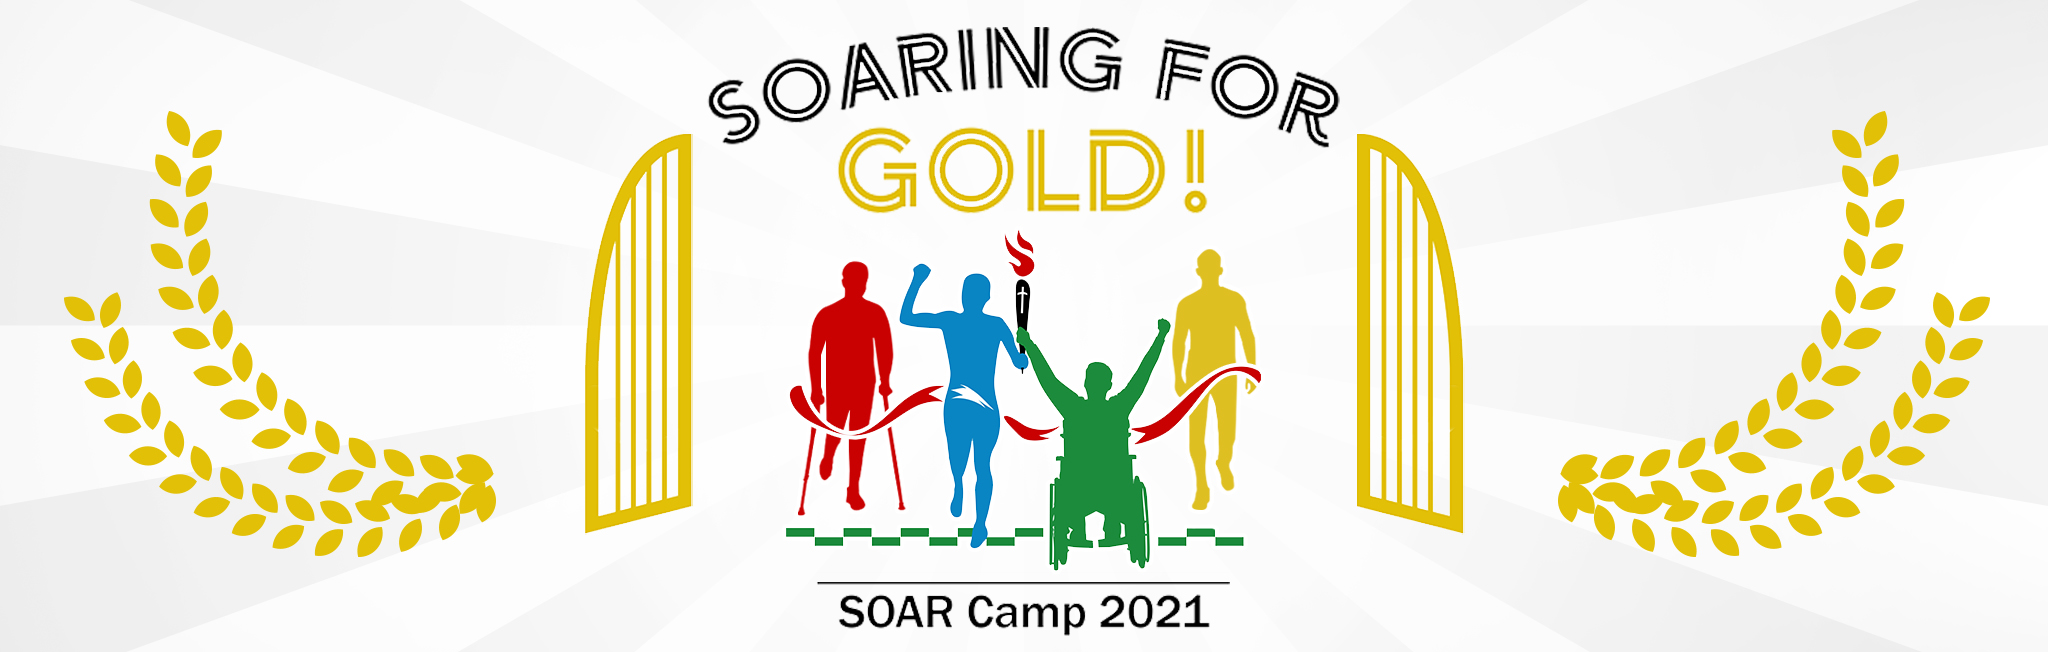 Soar Camp 2021 banner